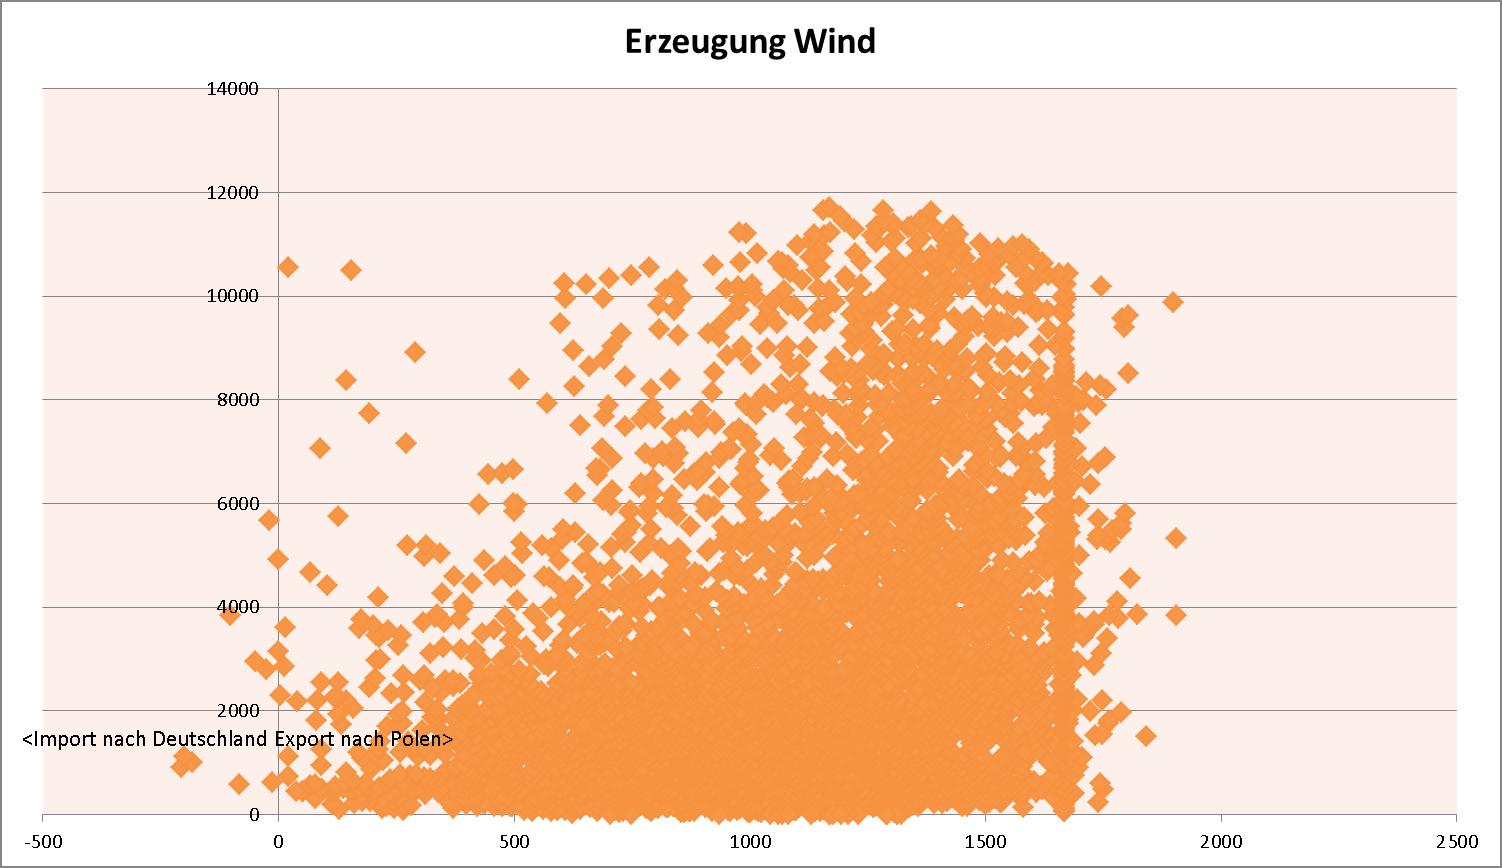 Netzkupplungsprofil - Deutschland und Polen - Einflus Windstrom